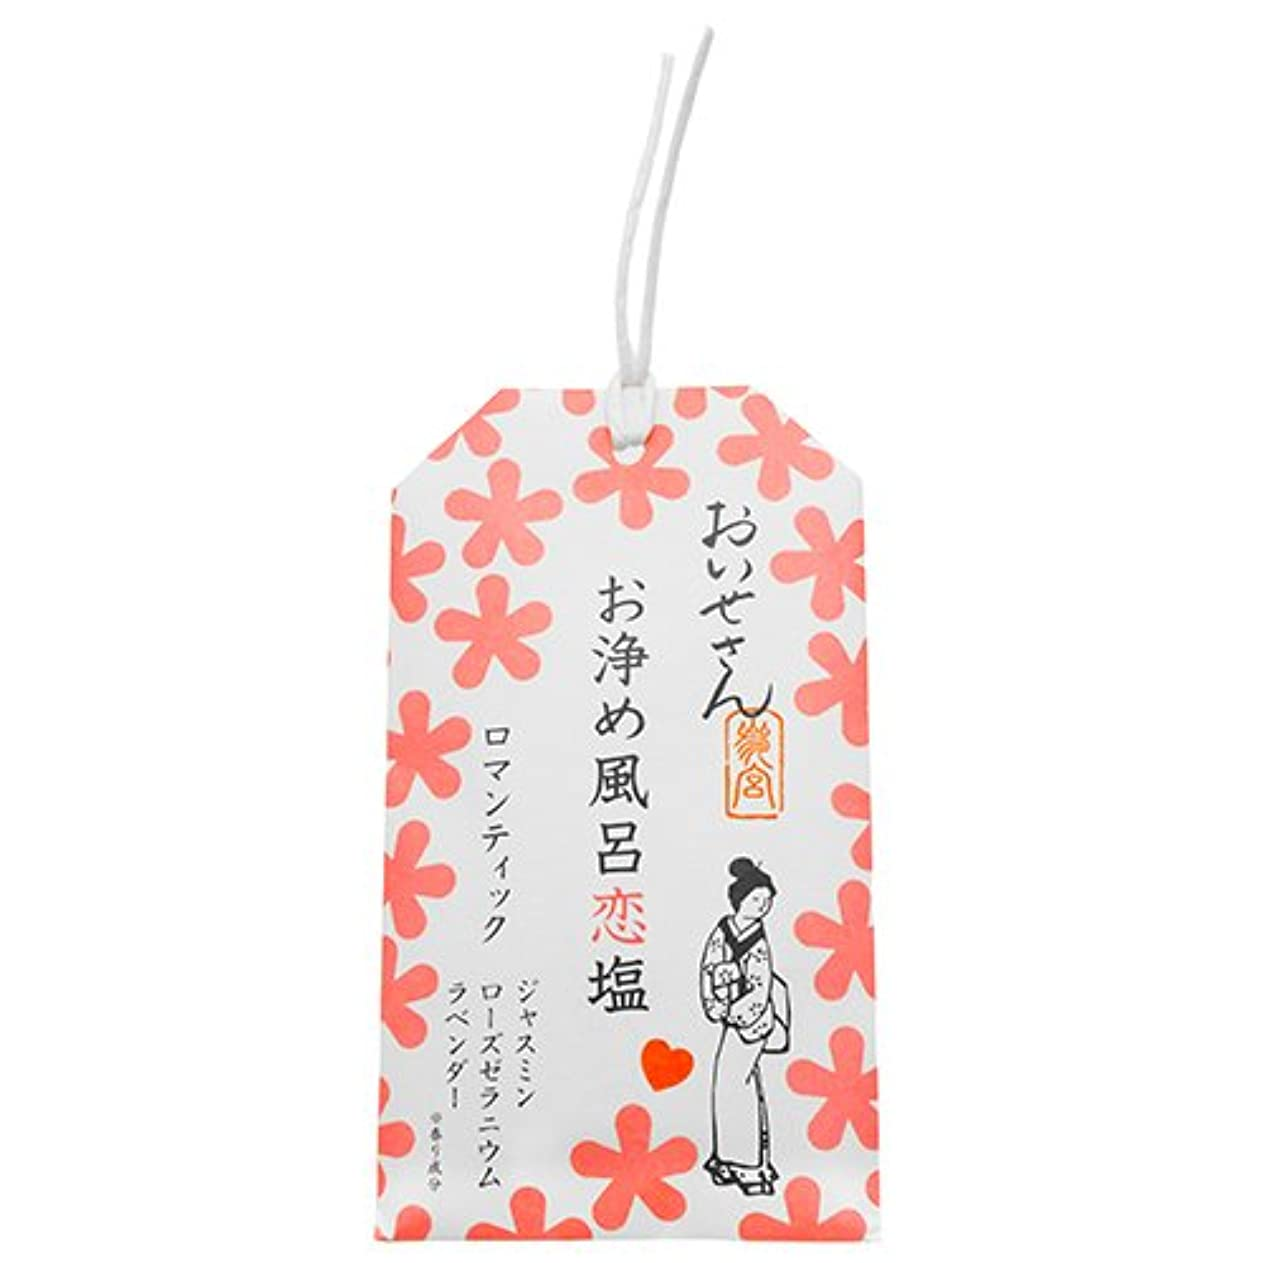 減るビルダー豊かなおいせさん お浄め風呂恋塩(ロマンティック)